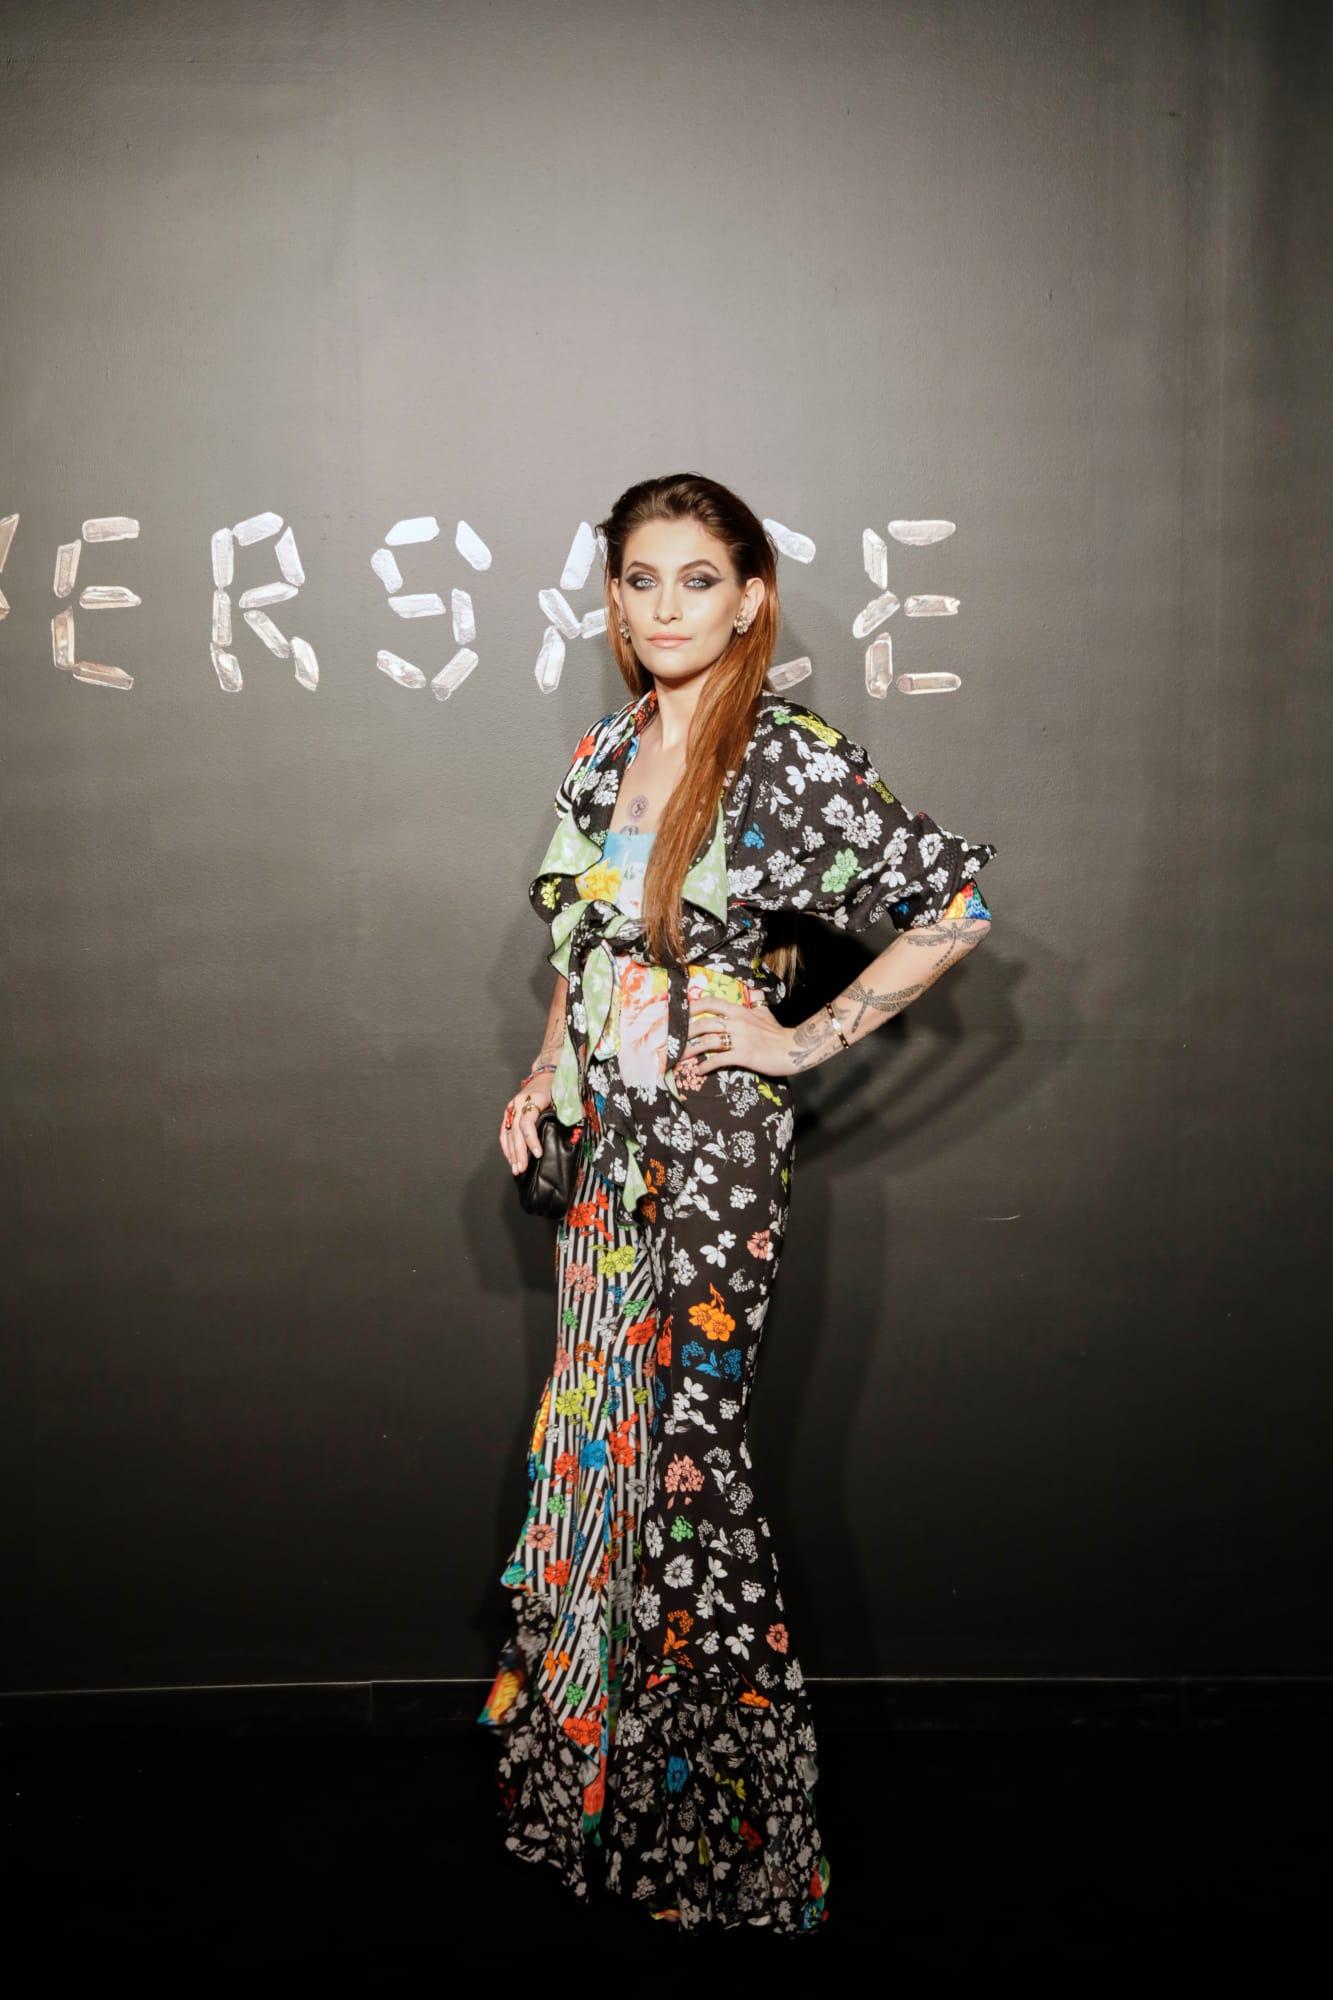 """Paris Jackson - ái nữ của ông hoàng nhạc Pop Michael Jackson - chọn một thiết kế hơi """"dừ"""" so với tuổi 20 của mình."""